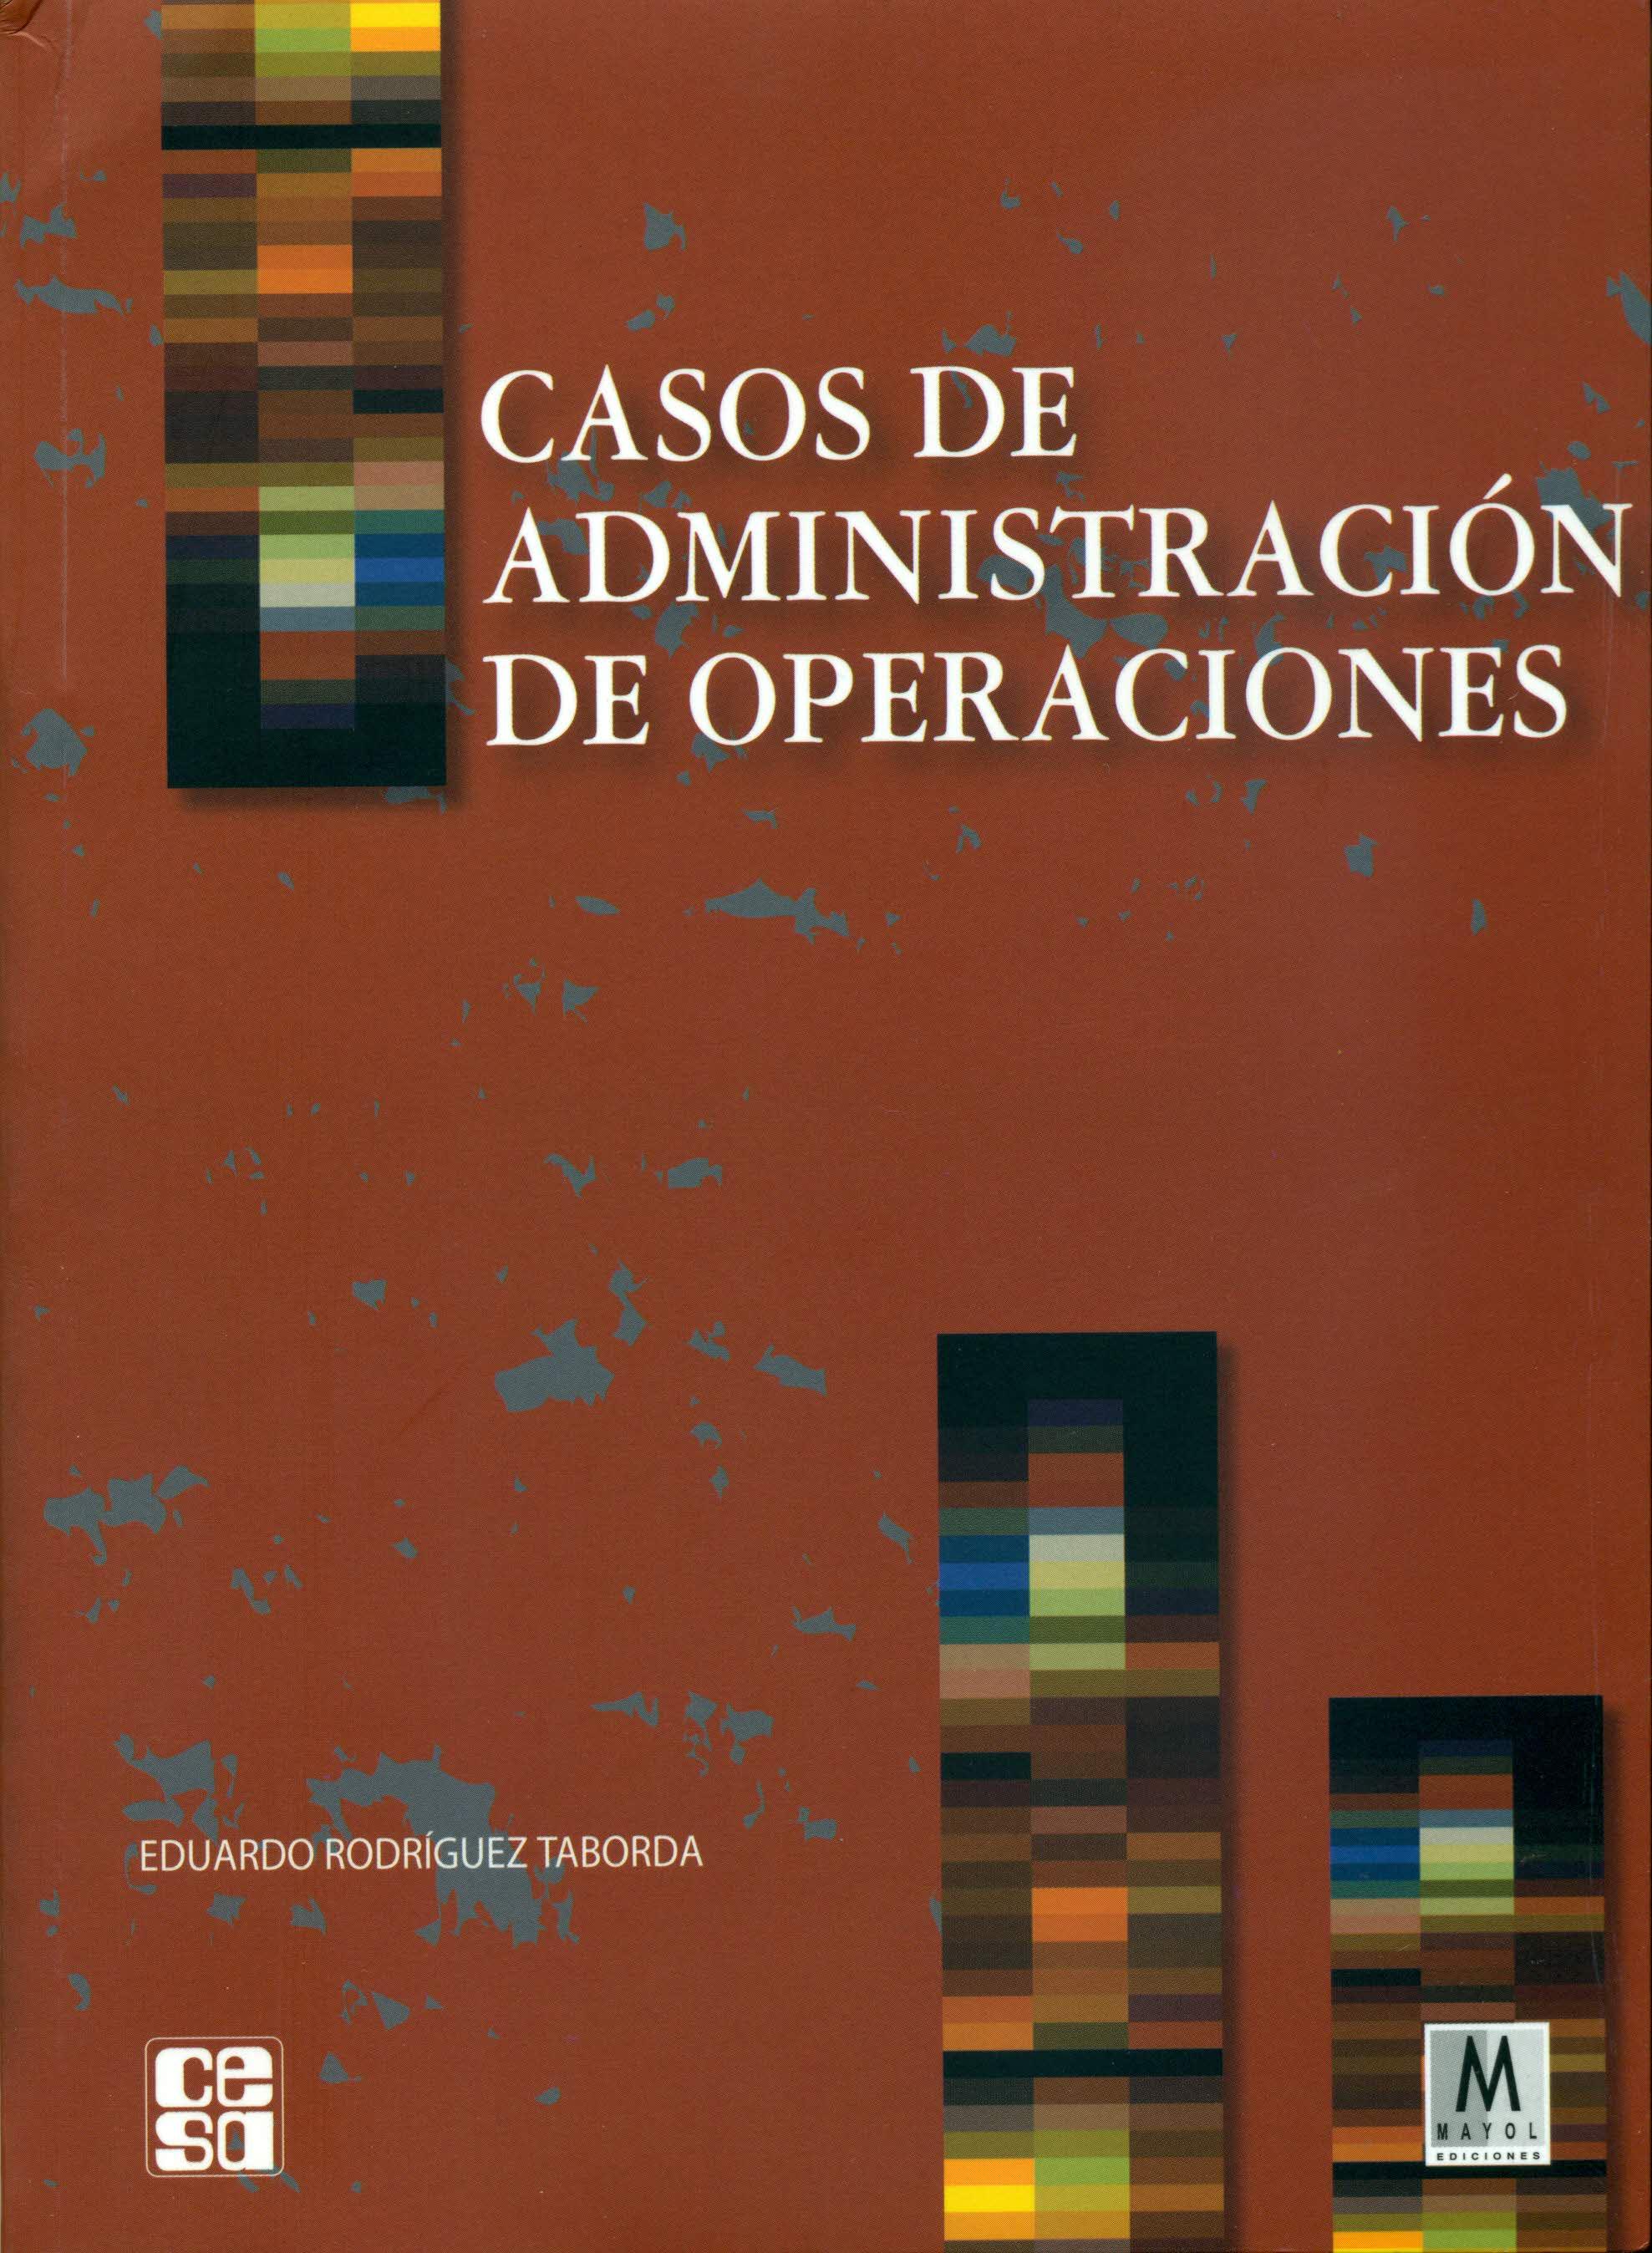 Casos de Administración de Operaciones